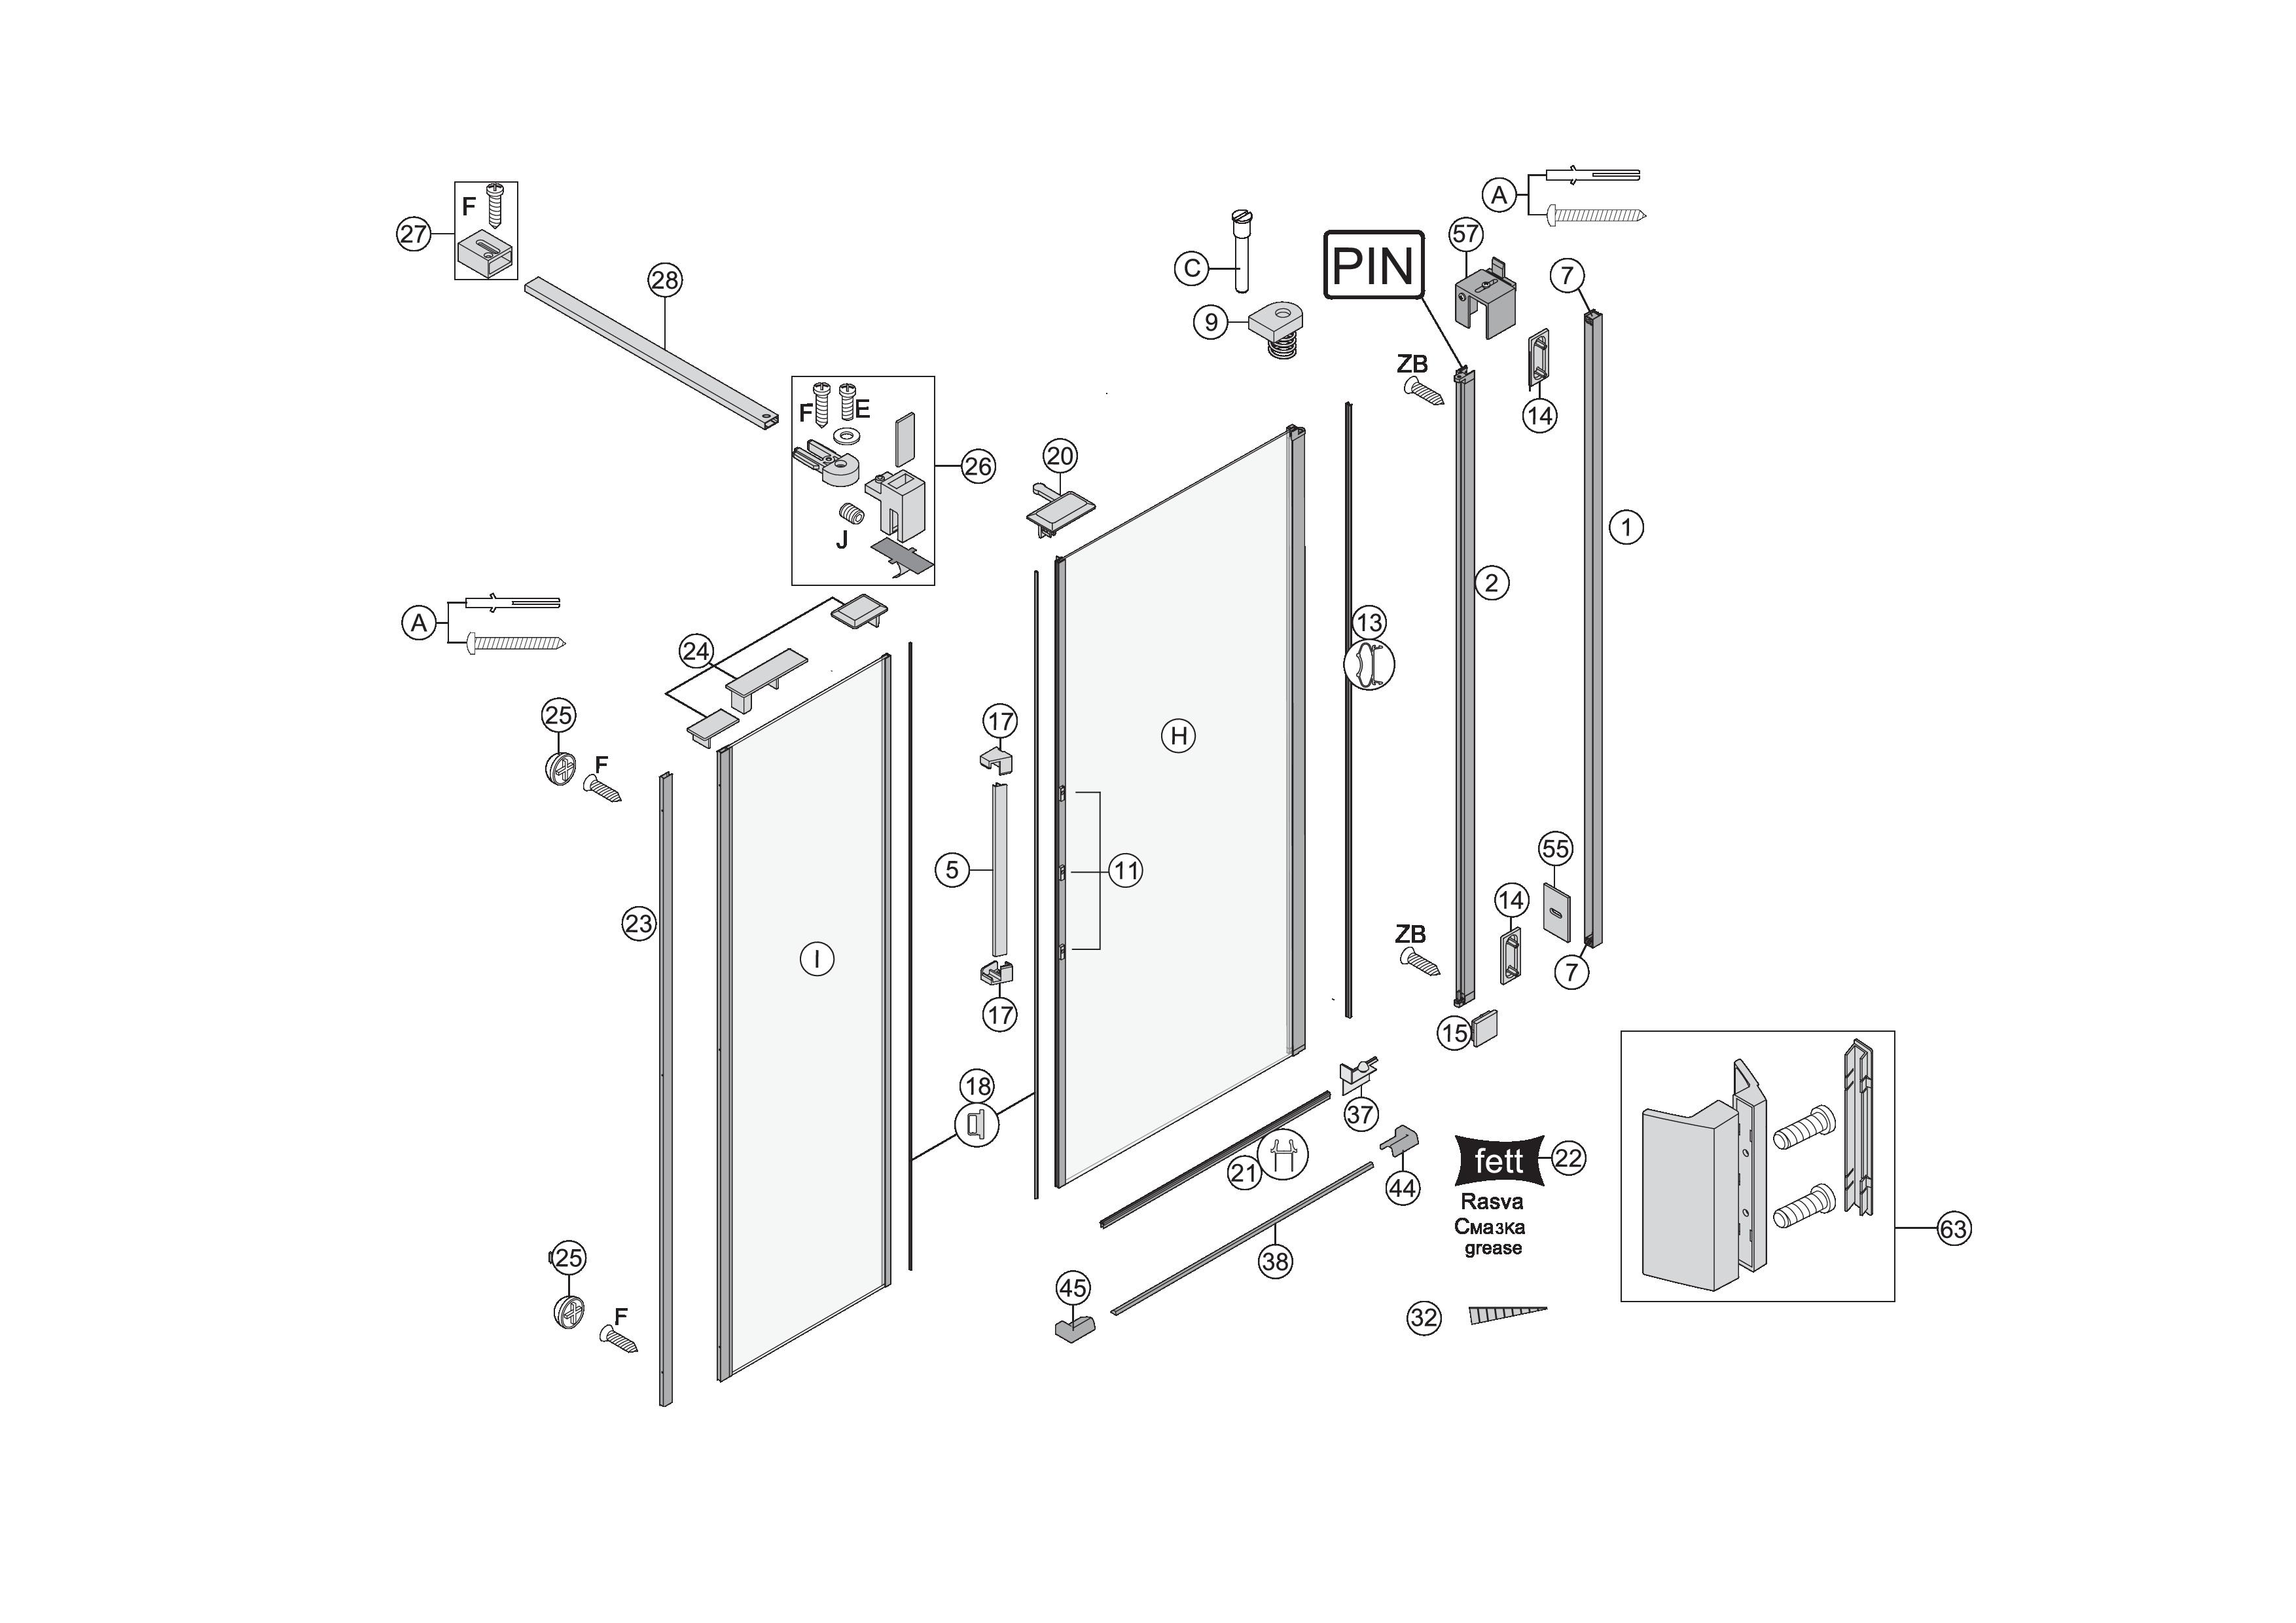 ersatzteile f r s400 pendelt re wandanschlag mit. Black Bedroom Furniture Sets. Home Design Ideas